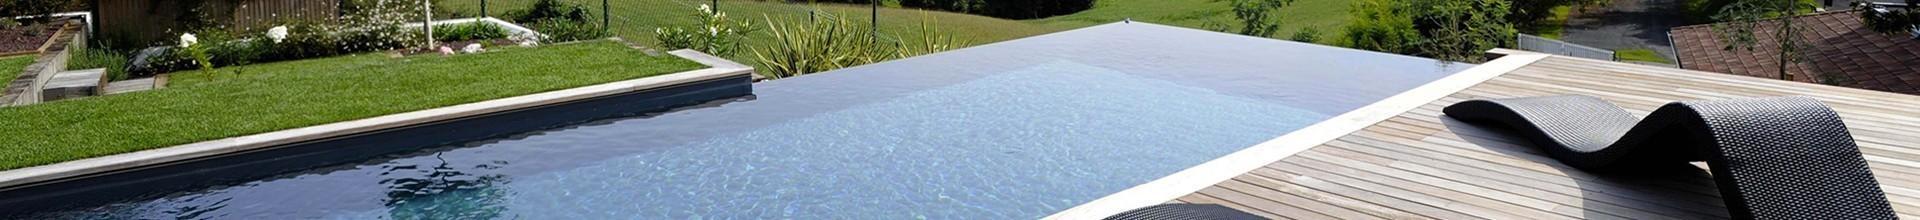 Hauts de France Fabricant d'une piscine révolutionnaire et innovante